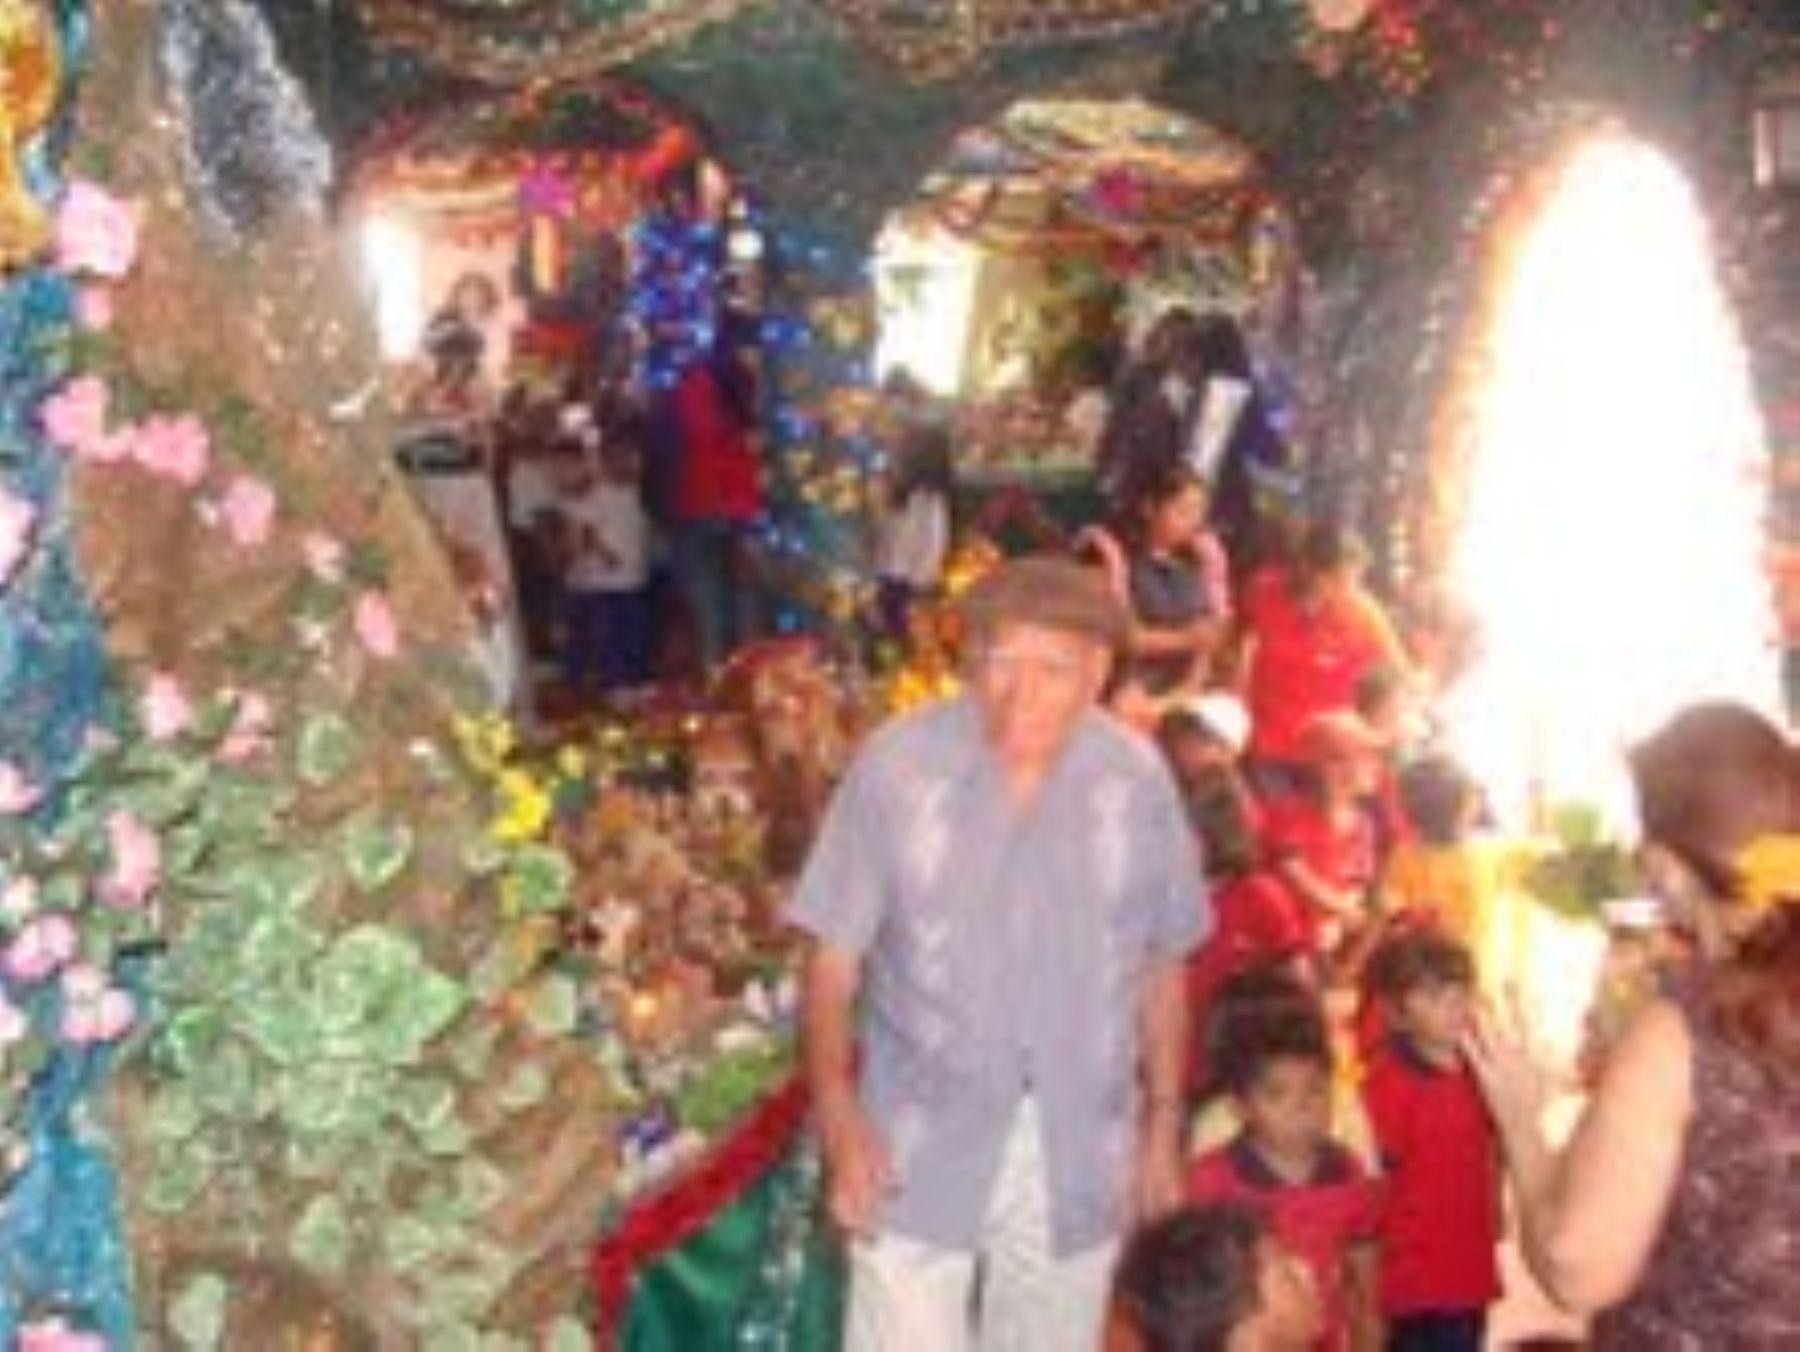 En el distrito de Pocollay (Tacna), el octogenario Isauro Salinas exhibe un nacimiento gigante que reúne las costumbres navideñas de la Costa, la Sierra y la Selva. Foto: Municipalidad de Pocollay.